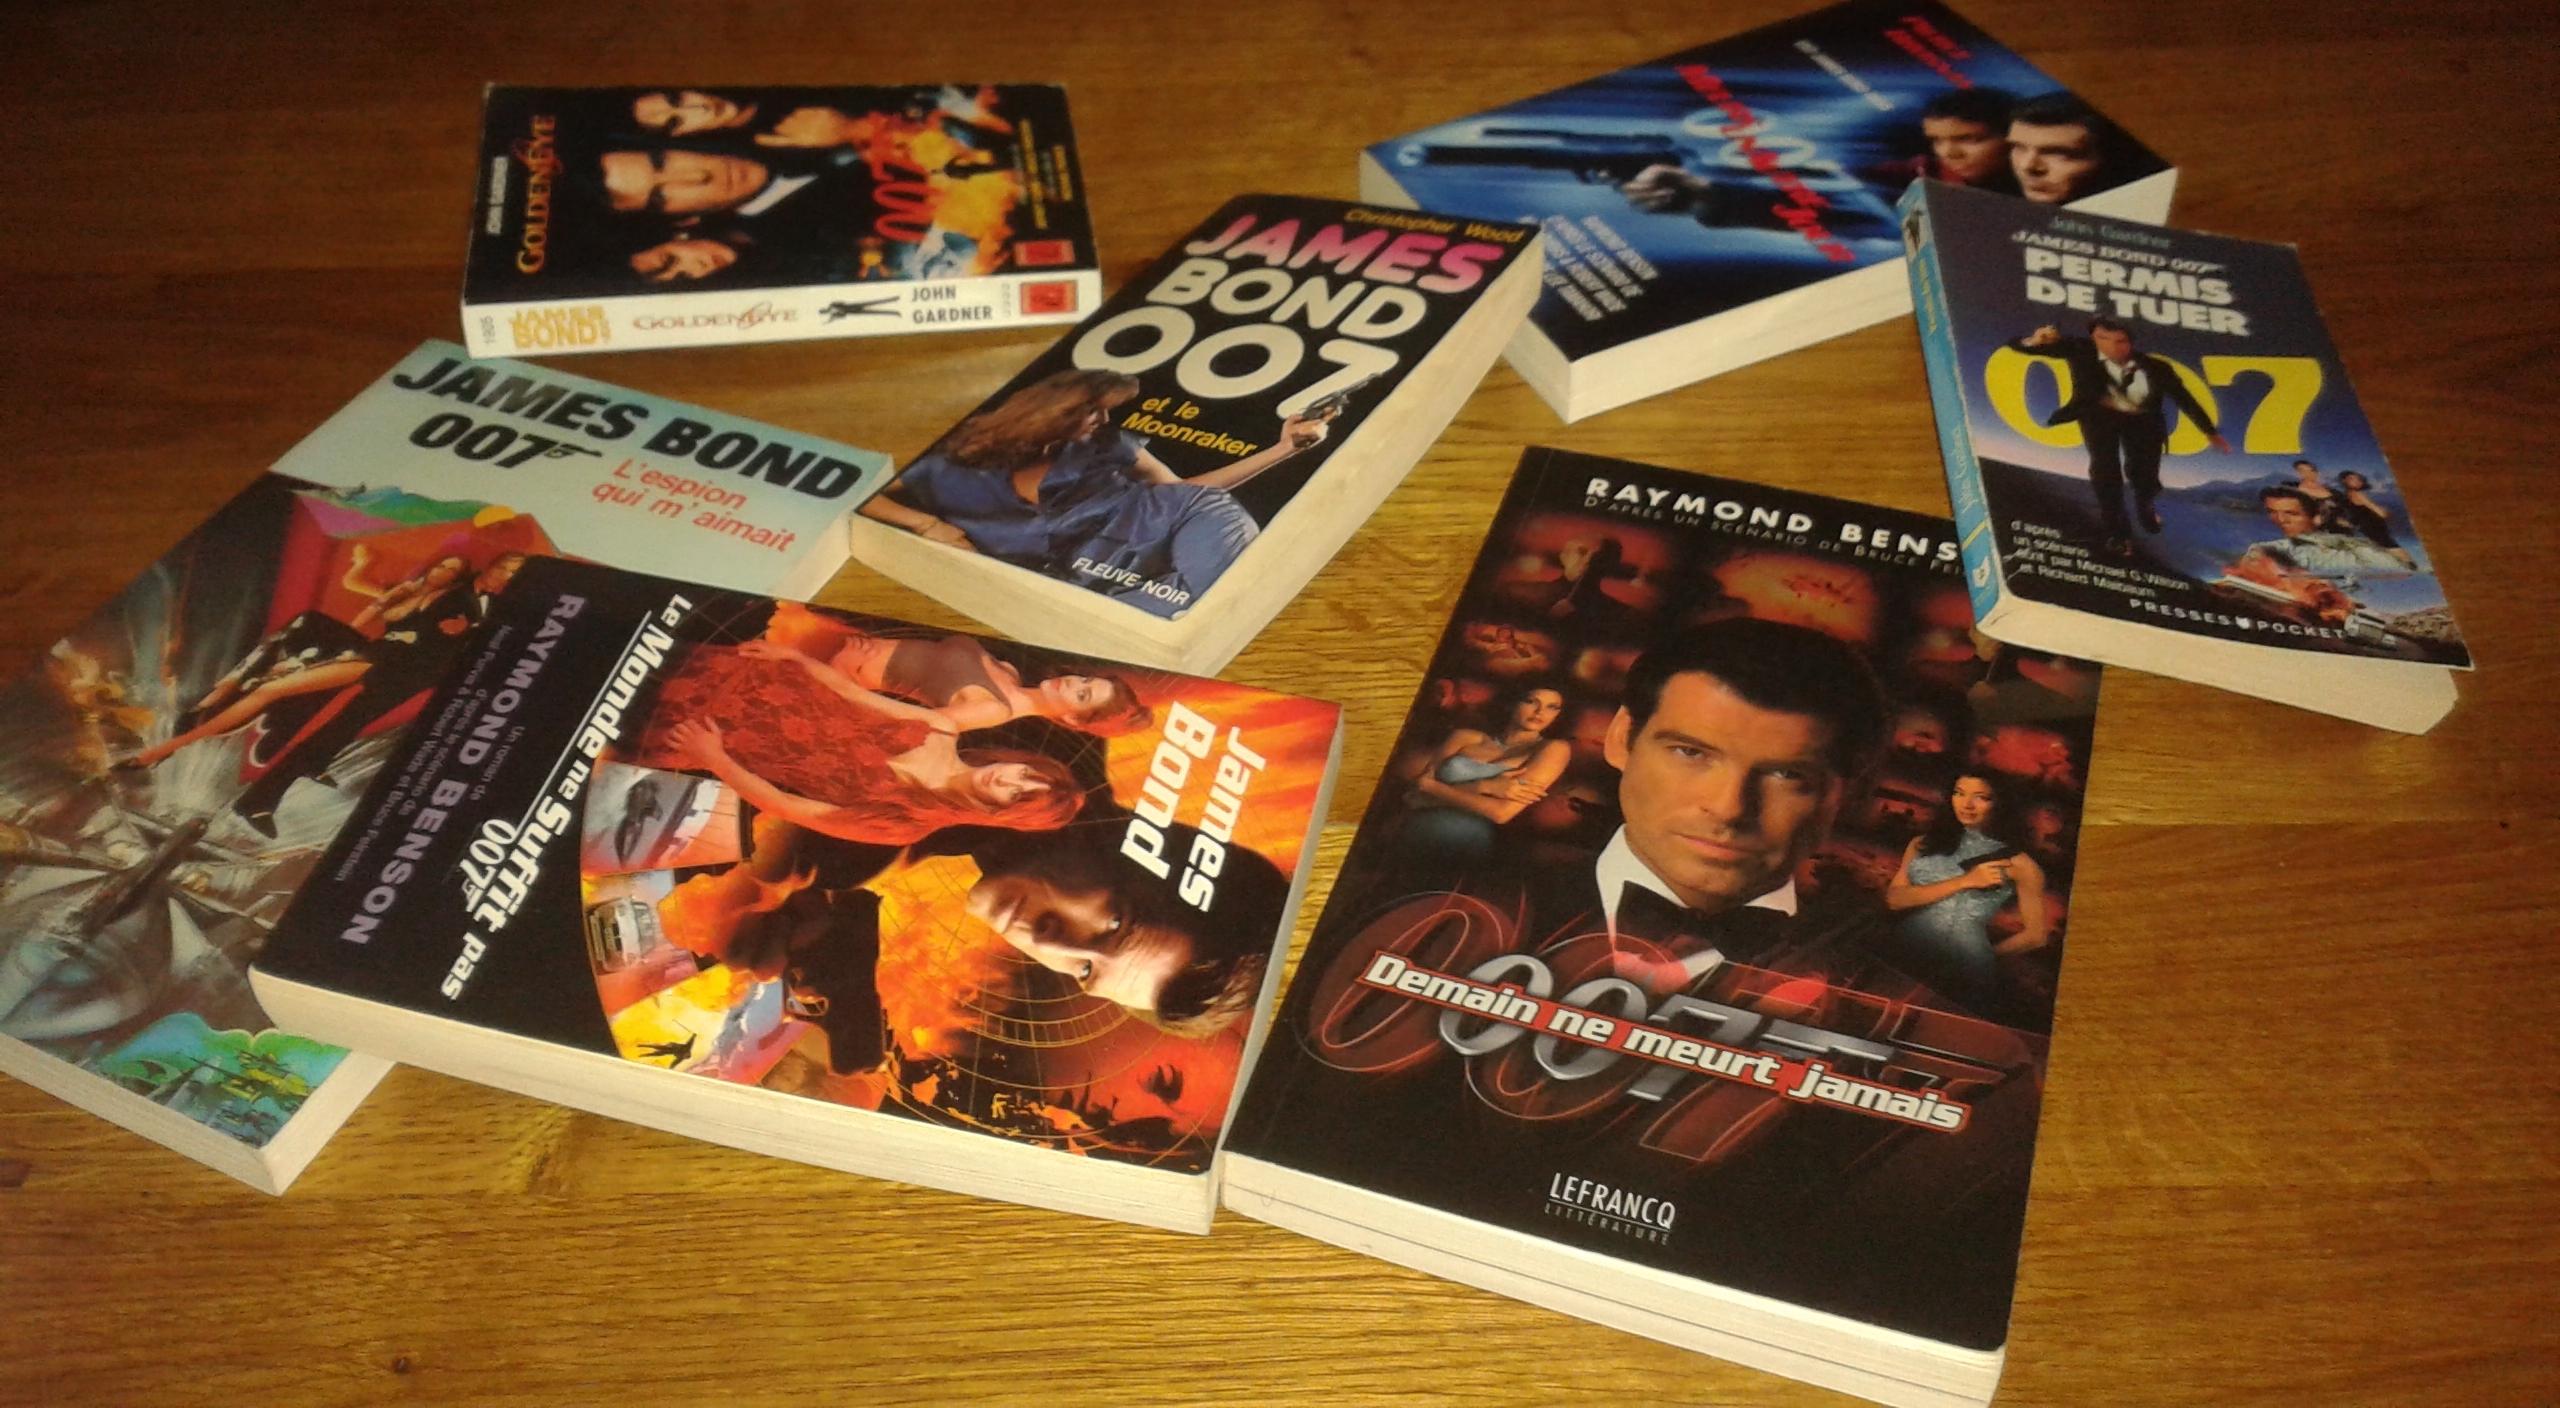 Les novélisations de Bond par Christopher Wood